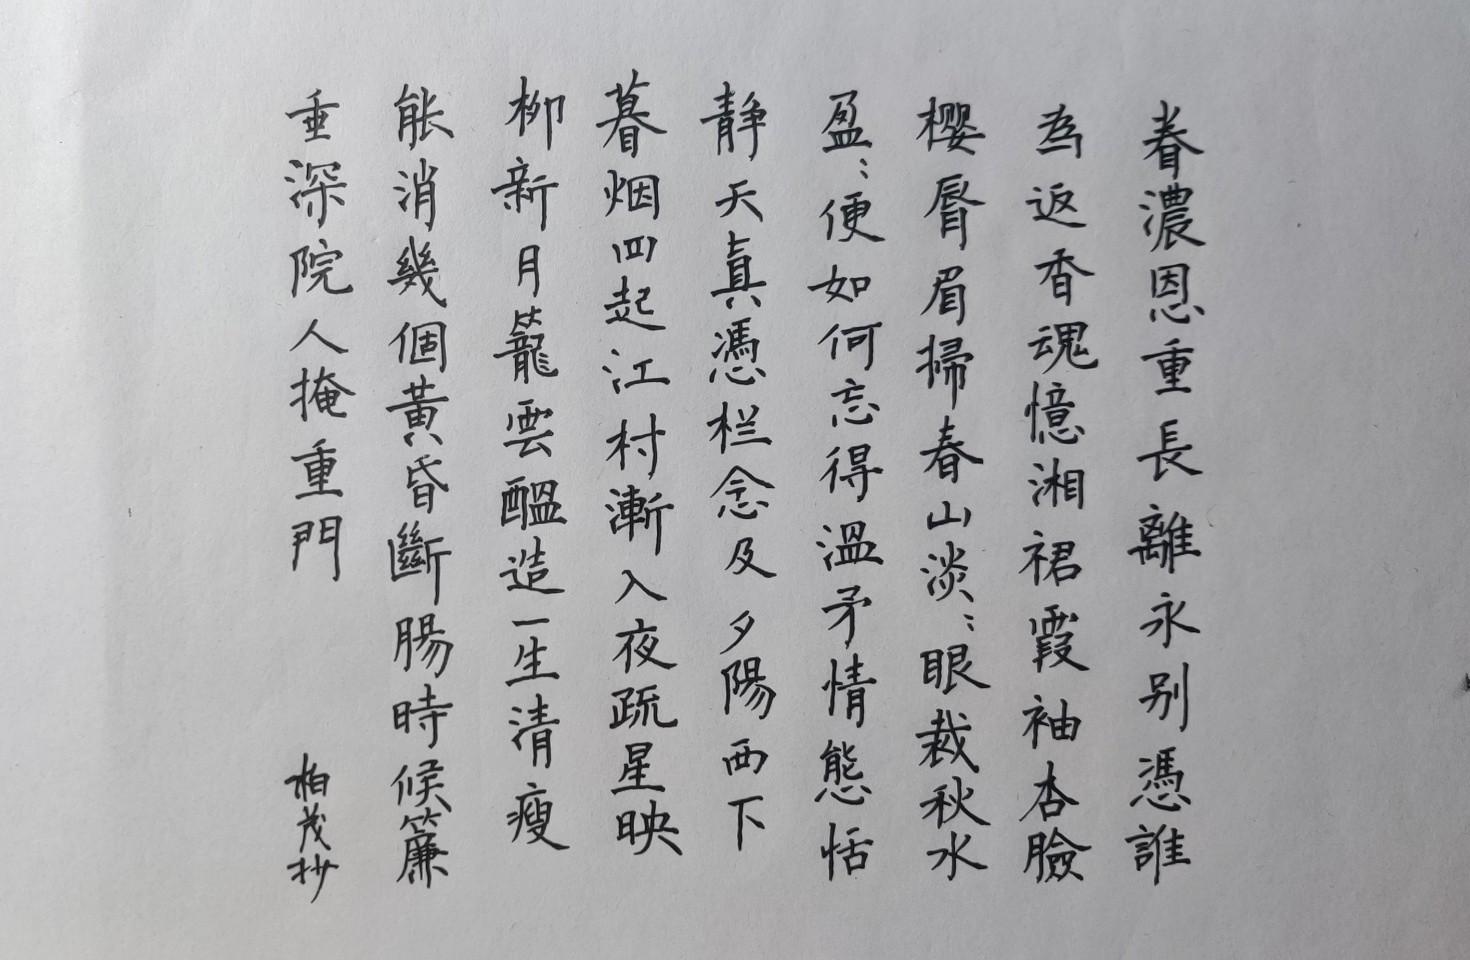 钢笔书法练字打卡20210518-34